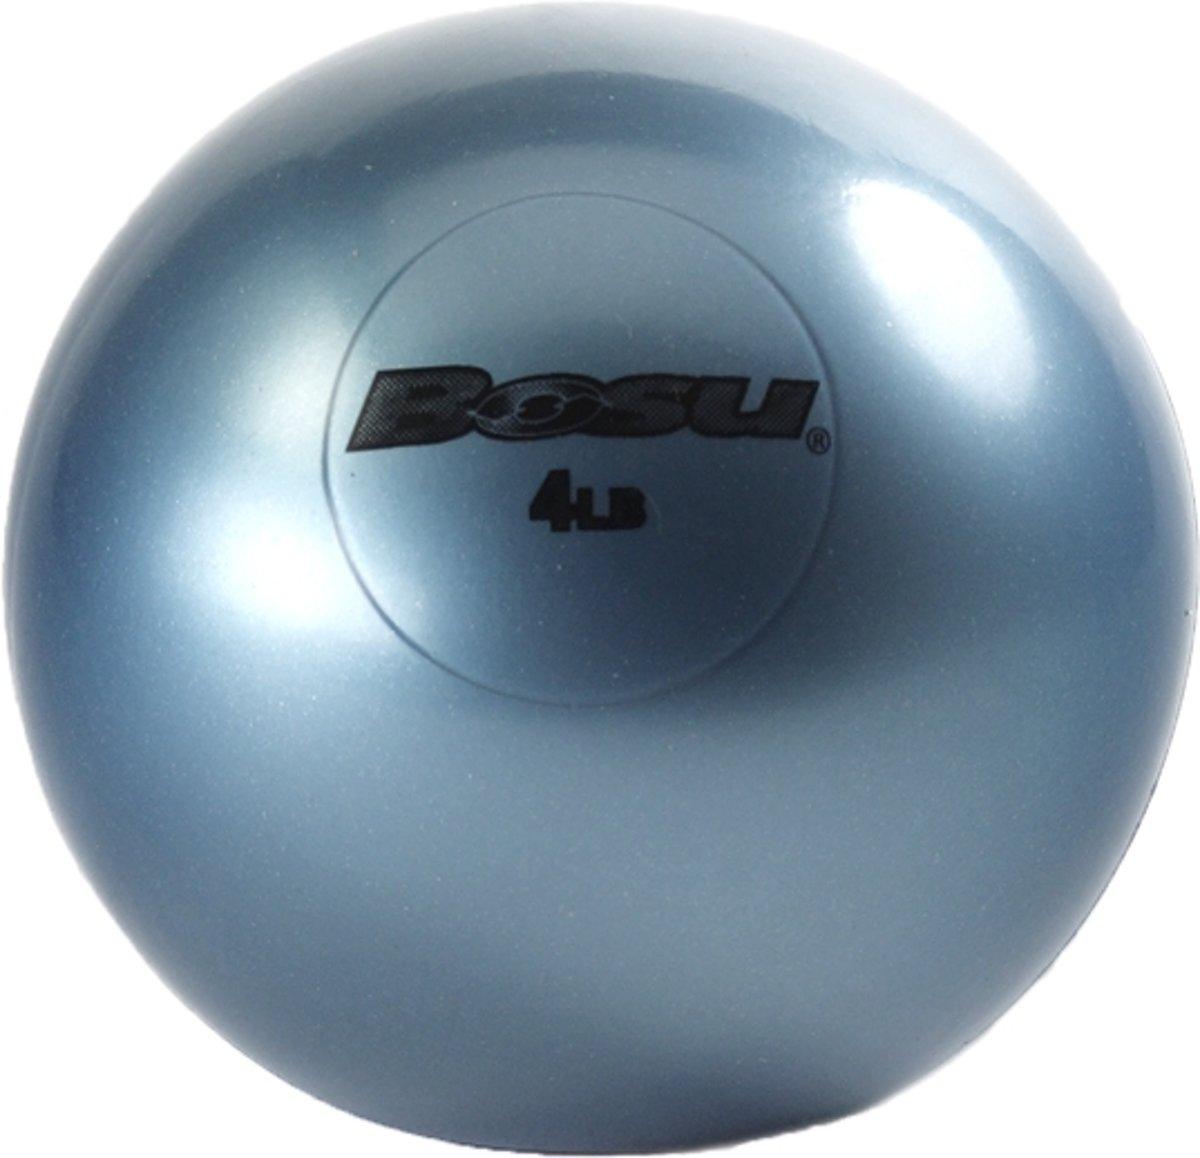 BOSU Weight ball 4 LBS kopen